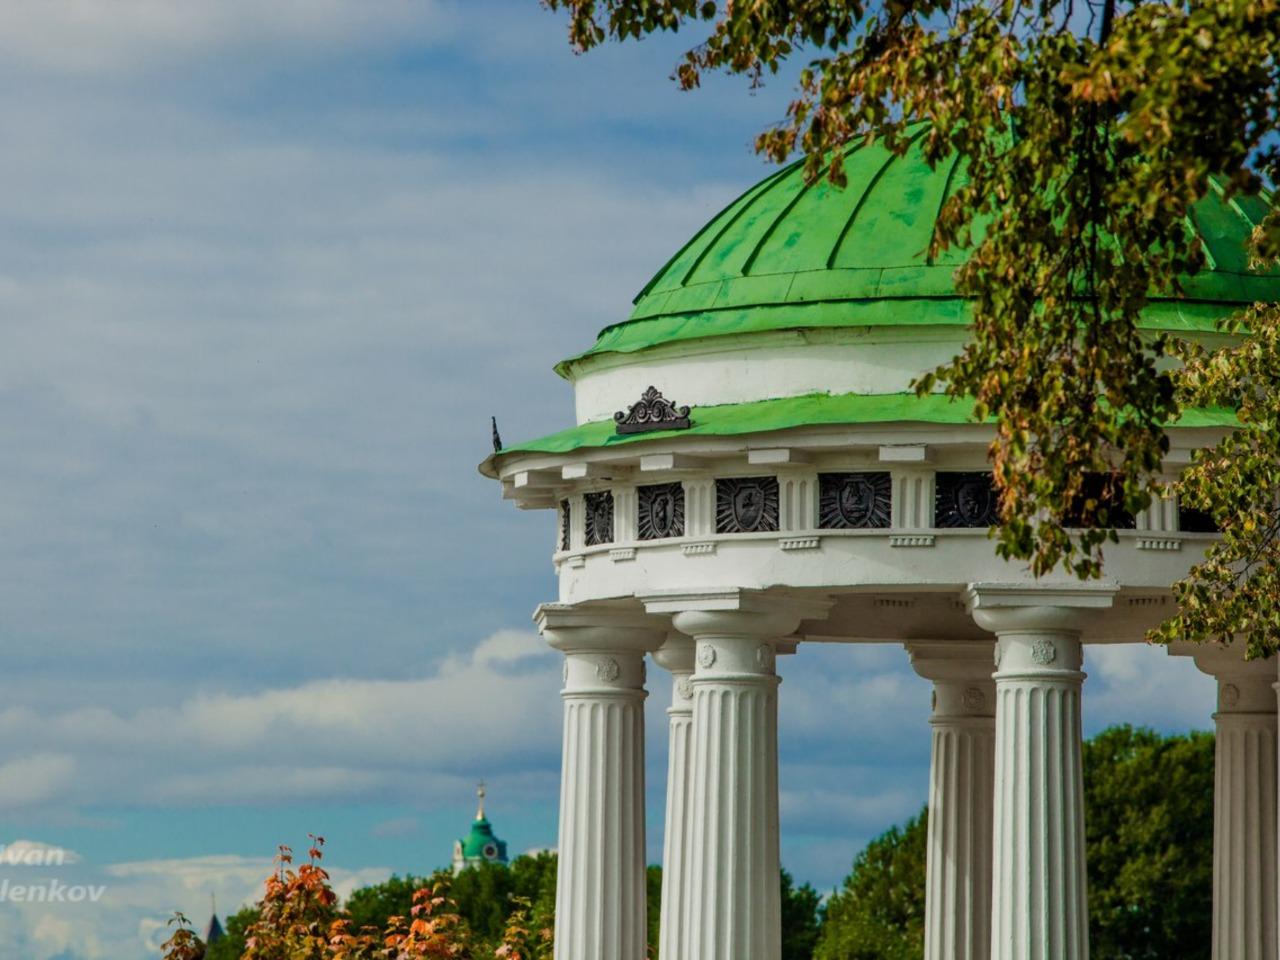 Сборная экскурсия по Ярославлю - групповая экскурсия в Ярославле от опытного гида